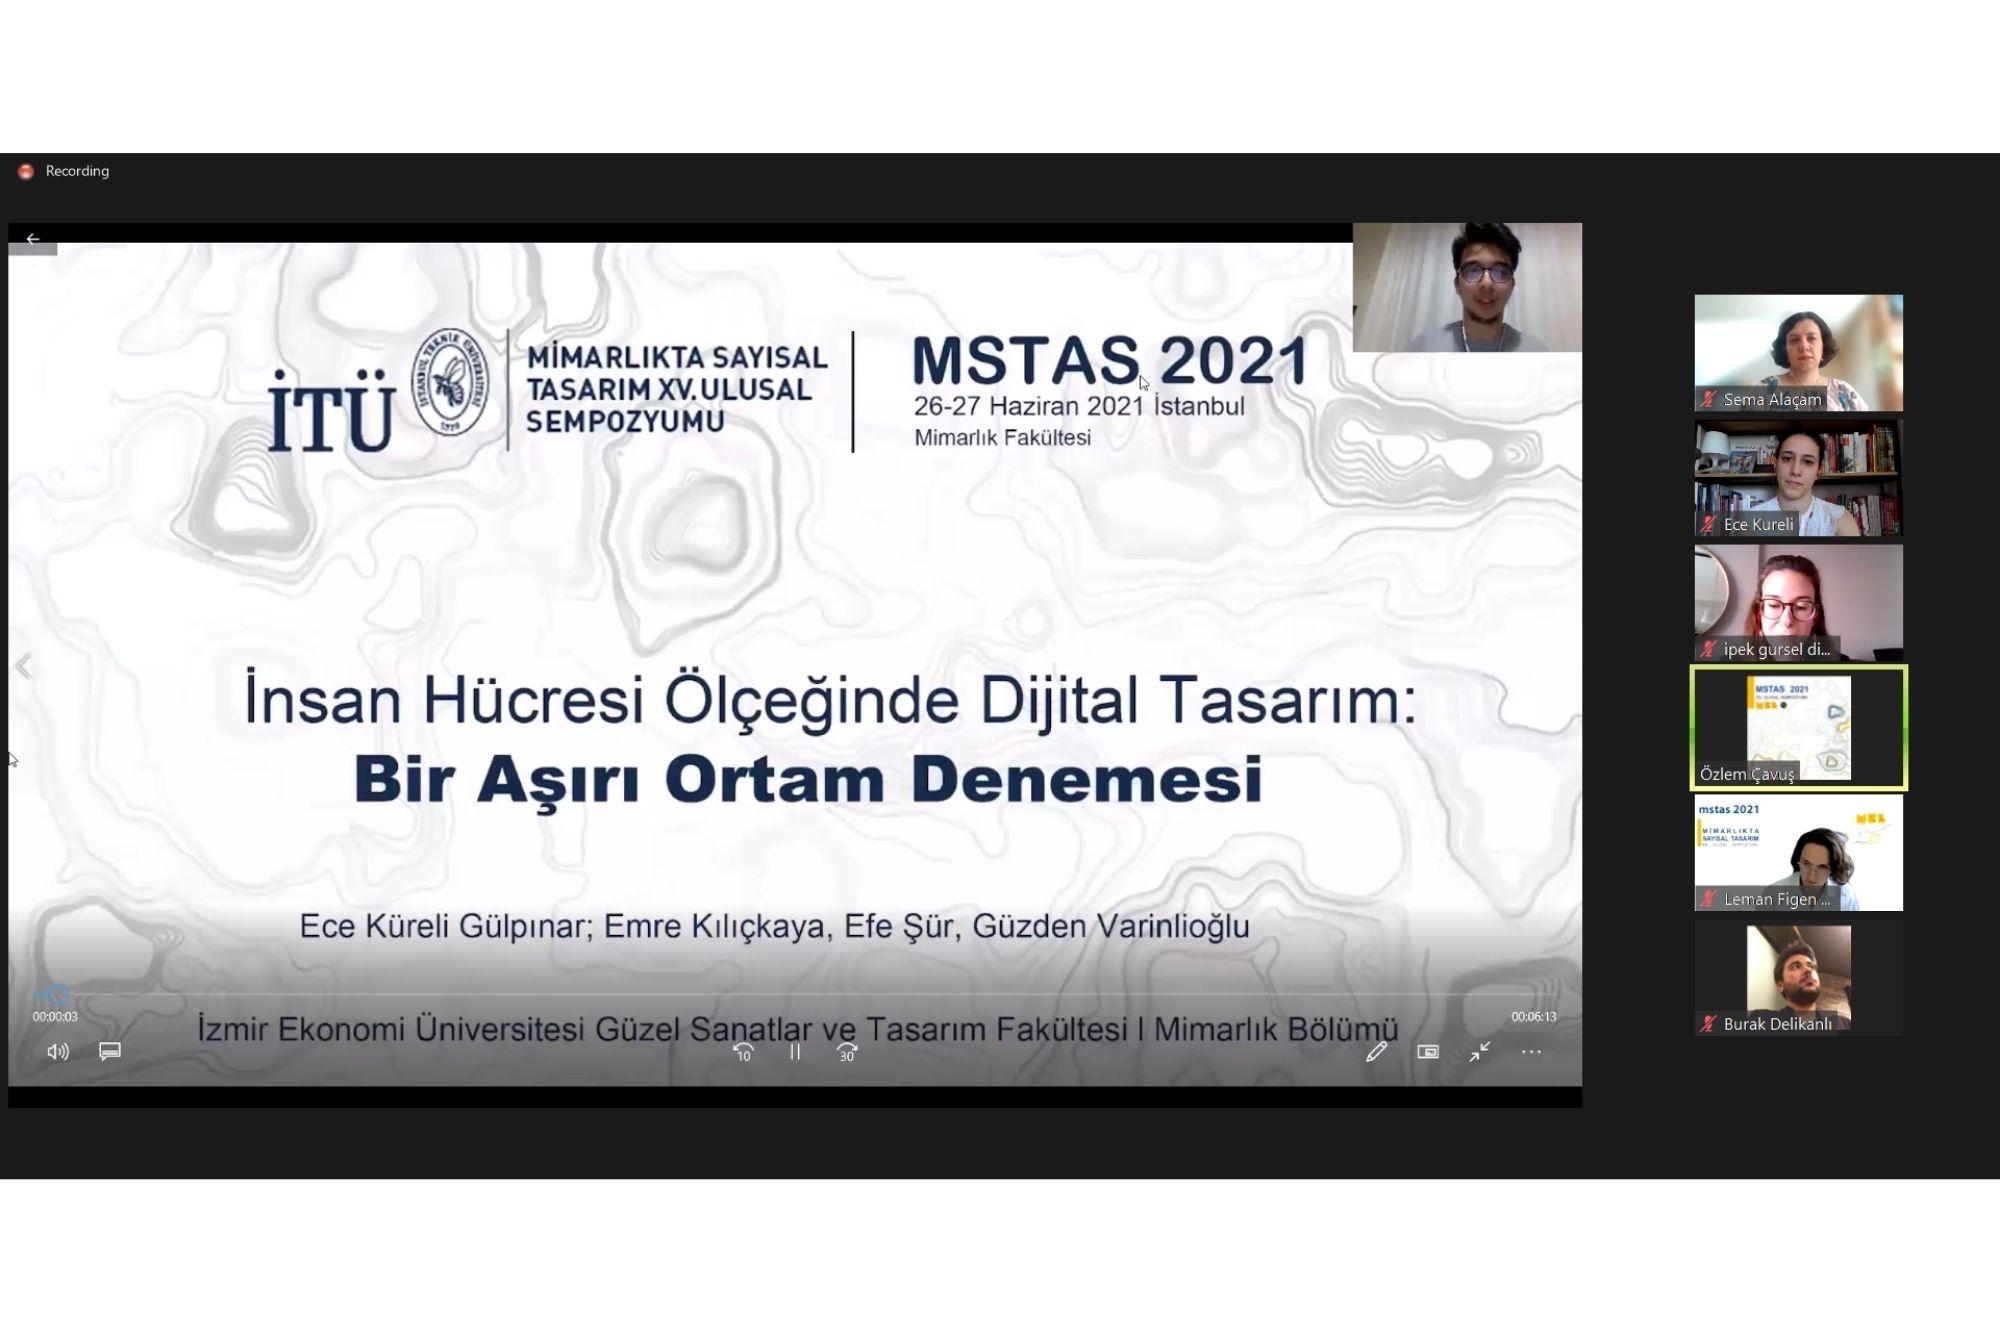 """MSTAS 2021 """"İnsan Hücresi Ölçeğinde Dijital Tasarım: Bir Aşırı Ortam Denemesi"""""""